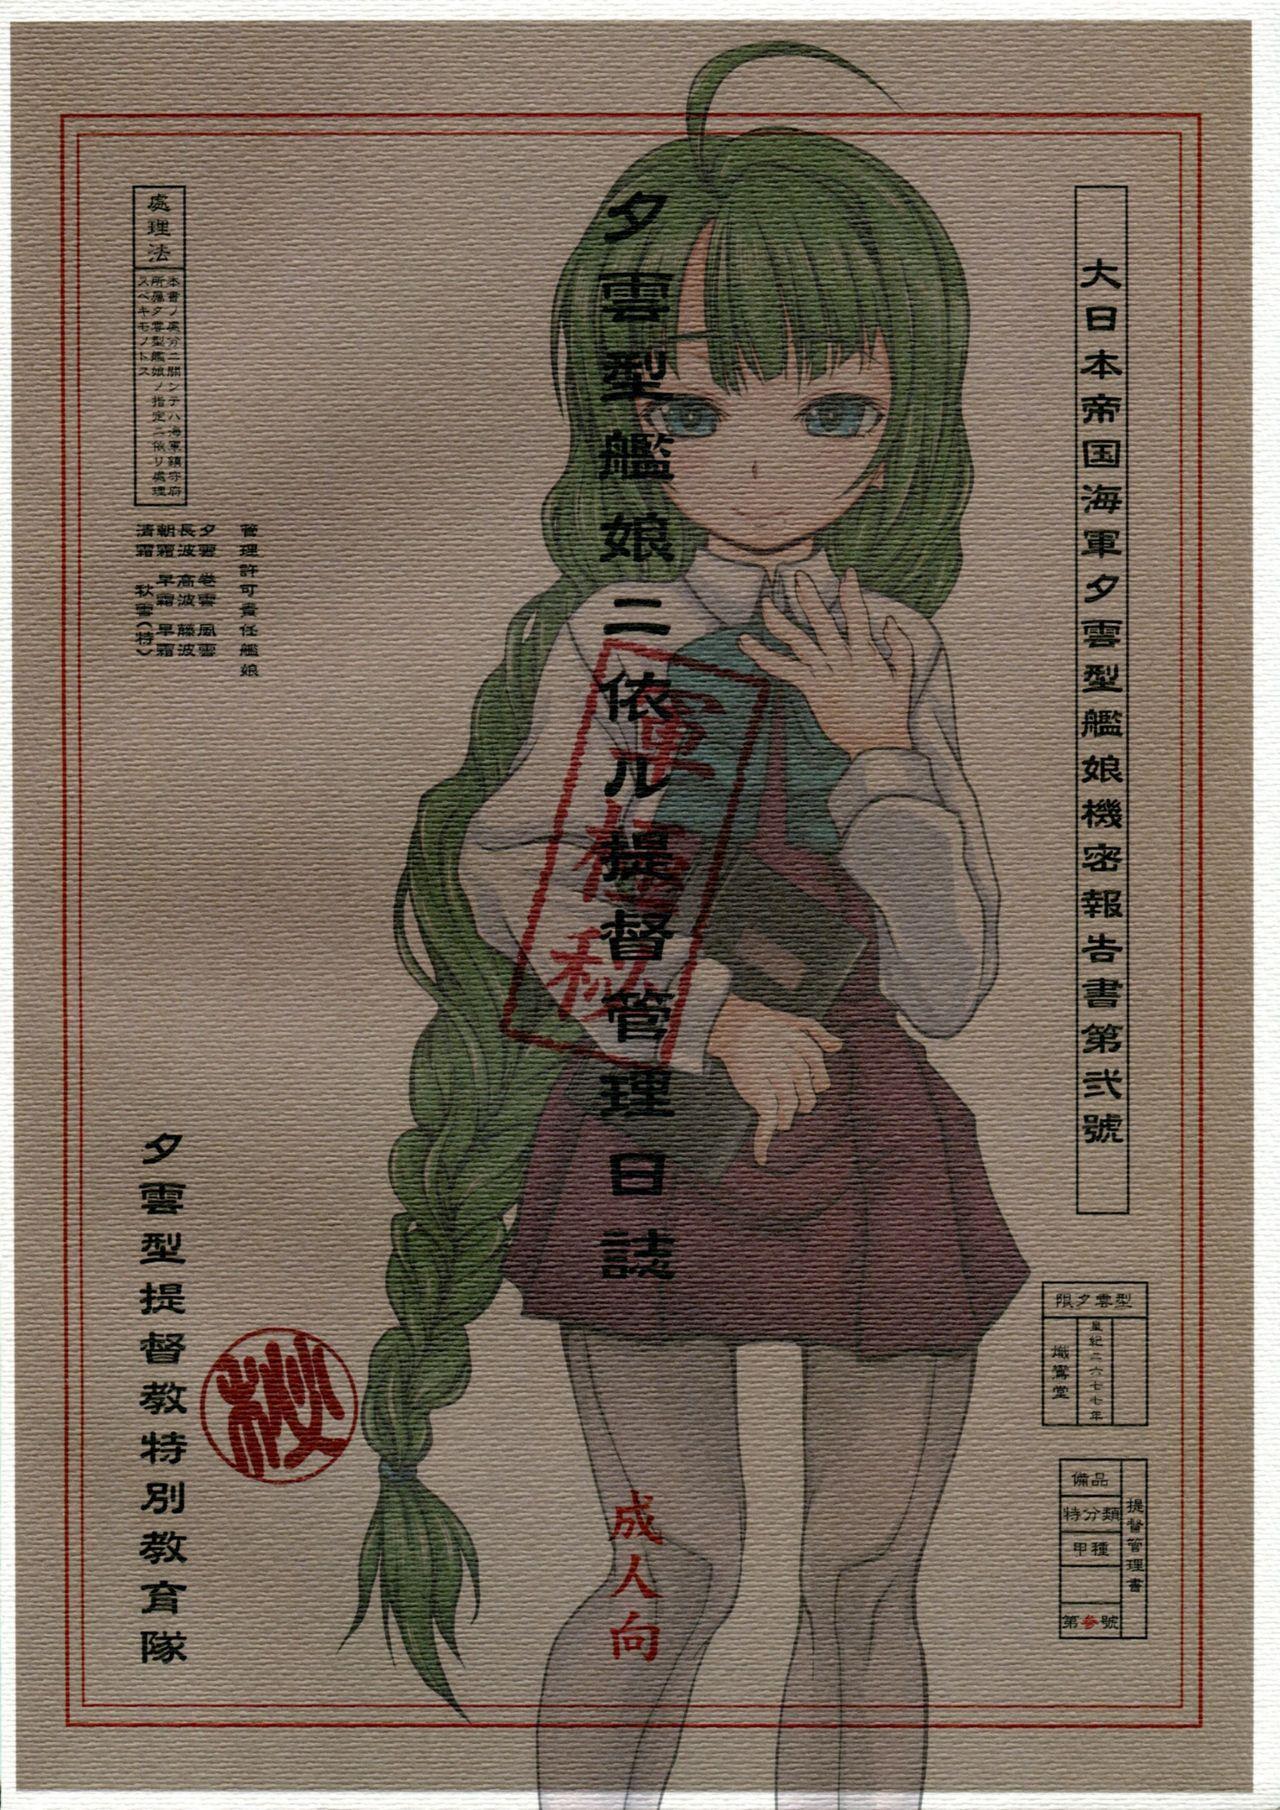 Yuugumo-gata Kanmusu ni Yoru Teitoku Kanri Nisshi. Sono Ichi Sono Ni Gappei Kaishuu Ban 61